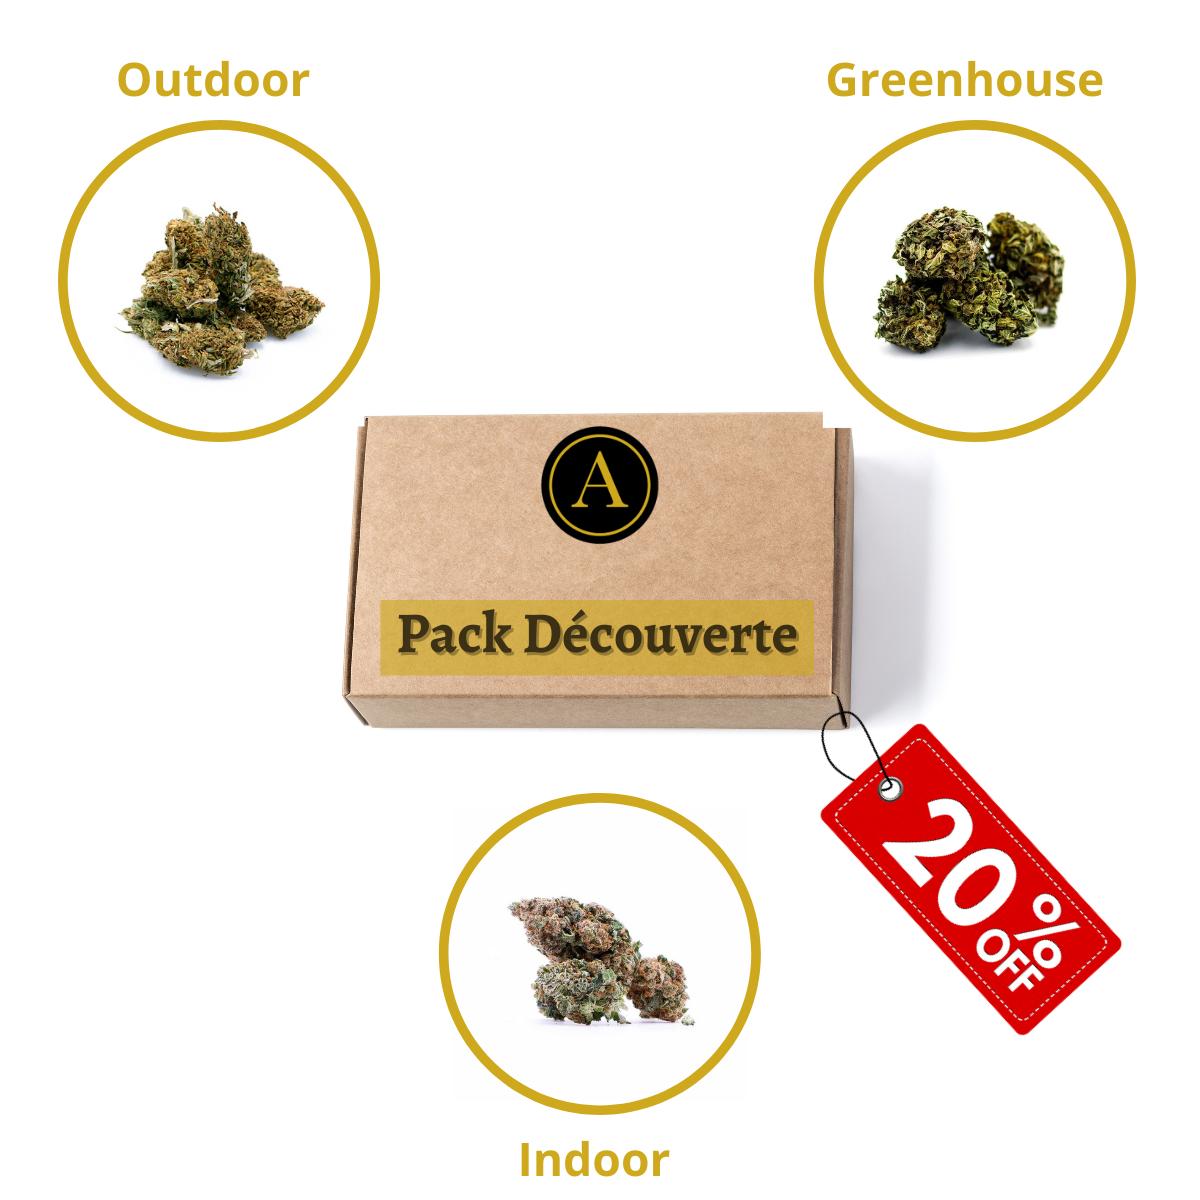 Le Pack Découverte